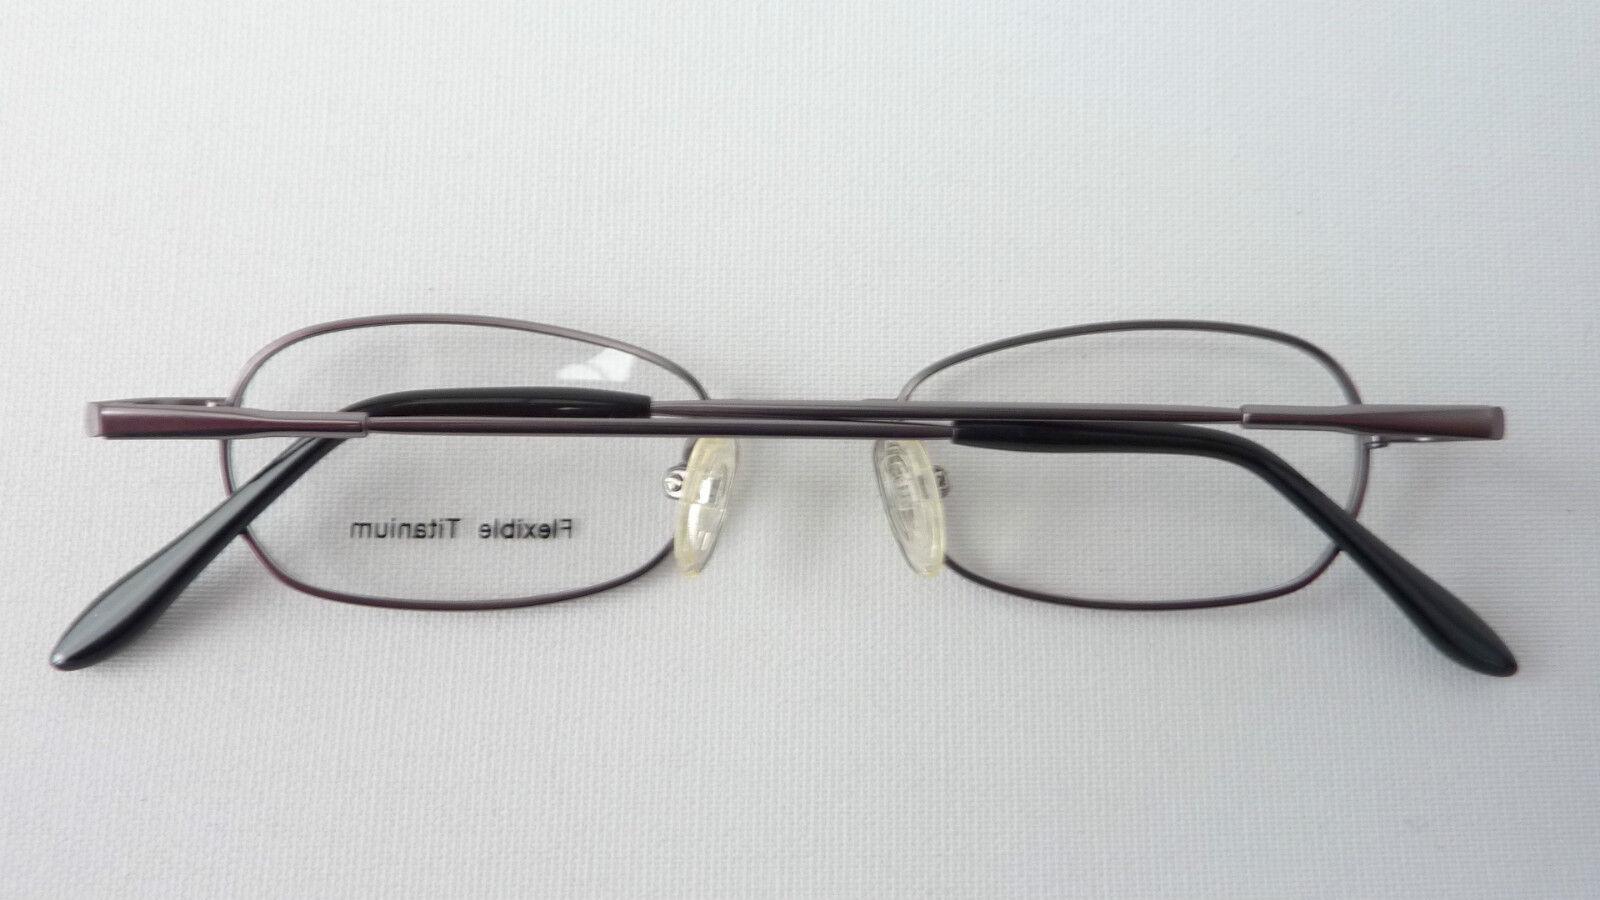 Optical Games Damenbrille flexibles Titan Mädchenbrille robust 46-20 46-20 46-20 Größe S | Louis, ausführlich  | Heißer Verkauf  | Bequeme Berührung  3e1afb